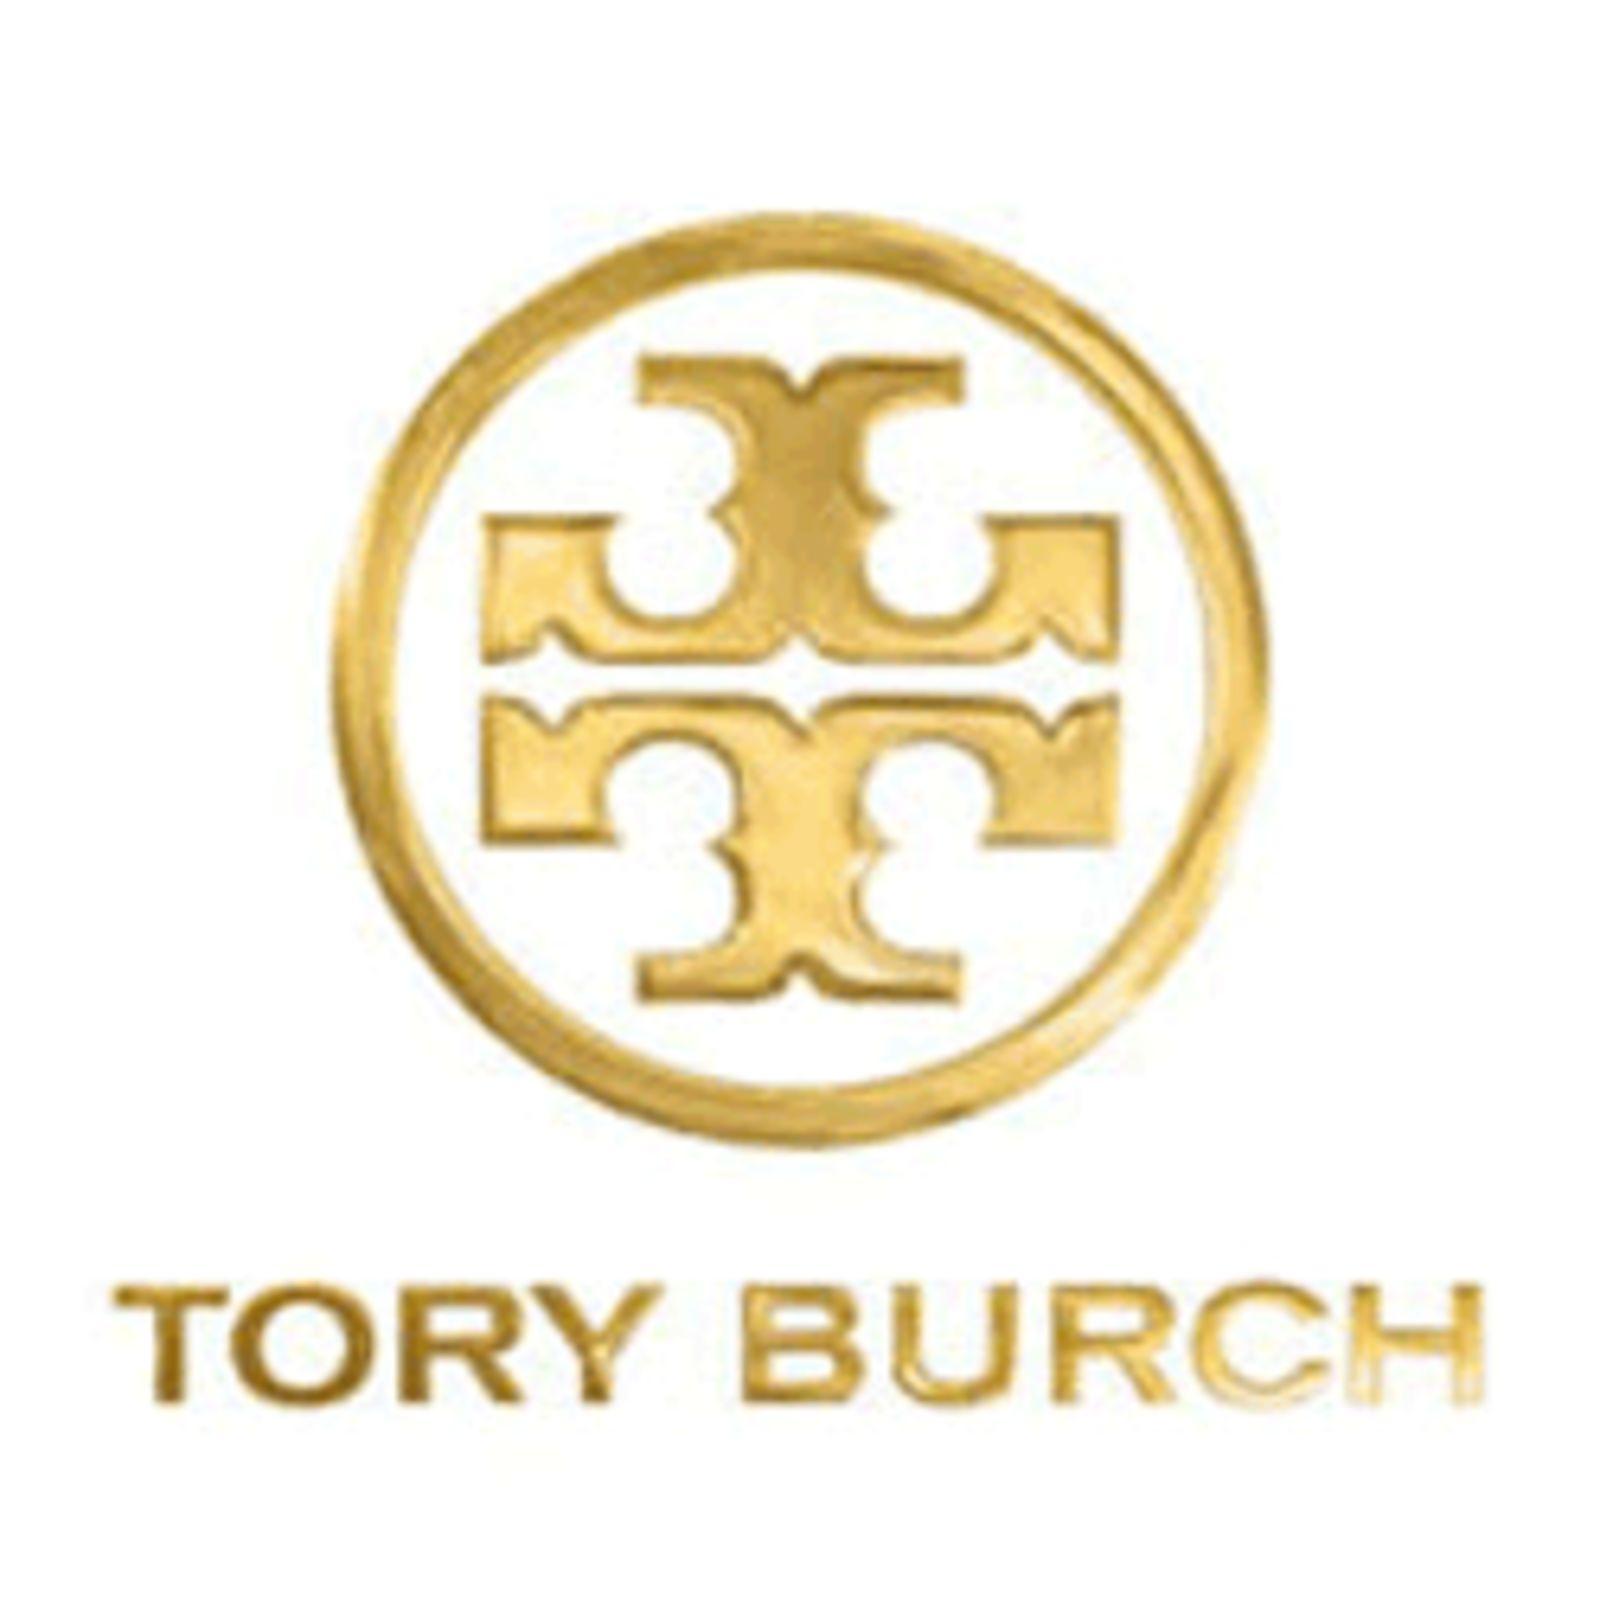 TORY BURCH (Bild 1)